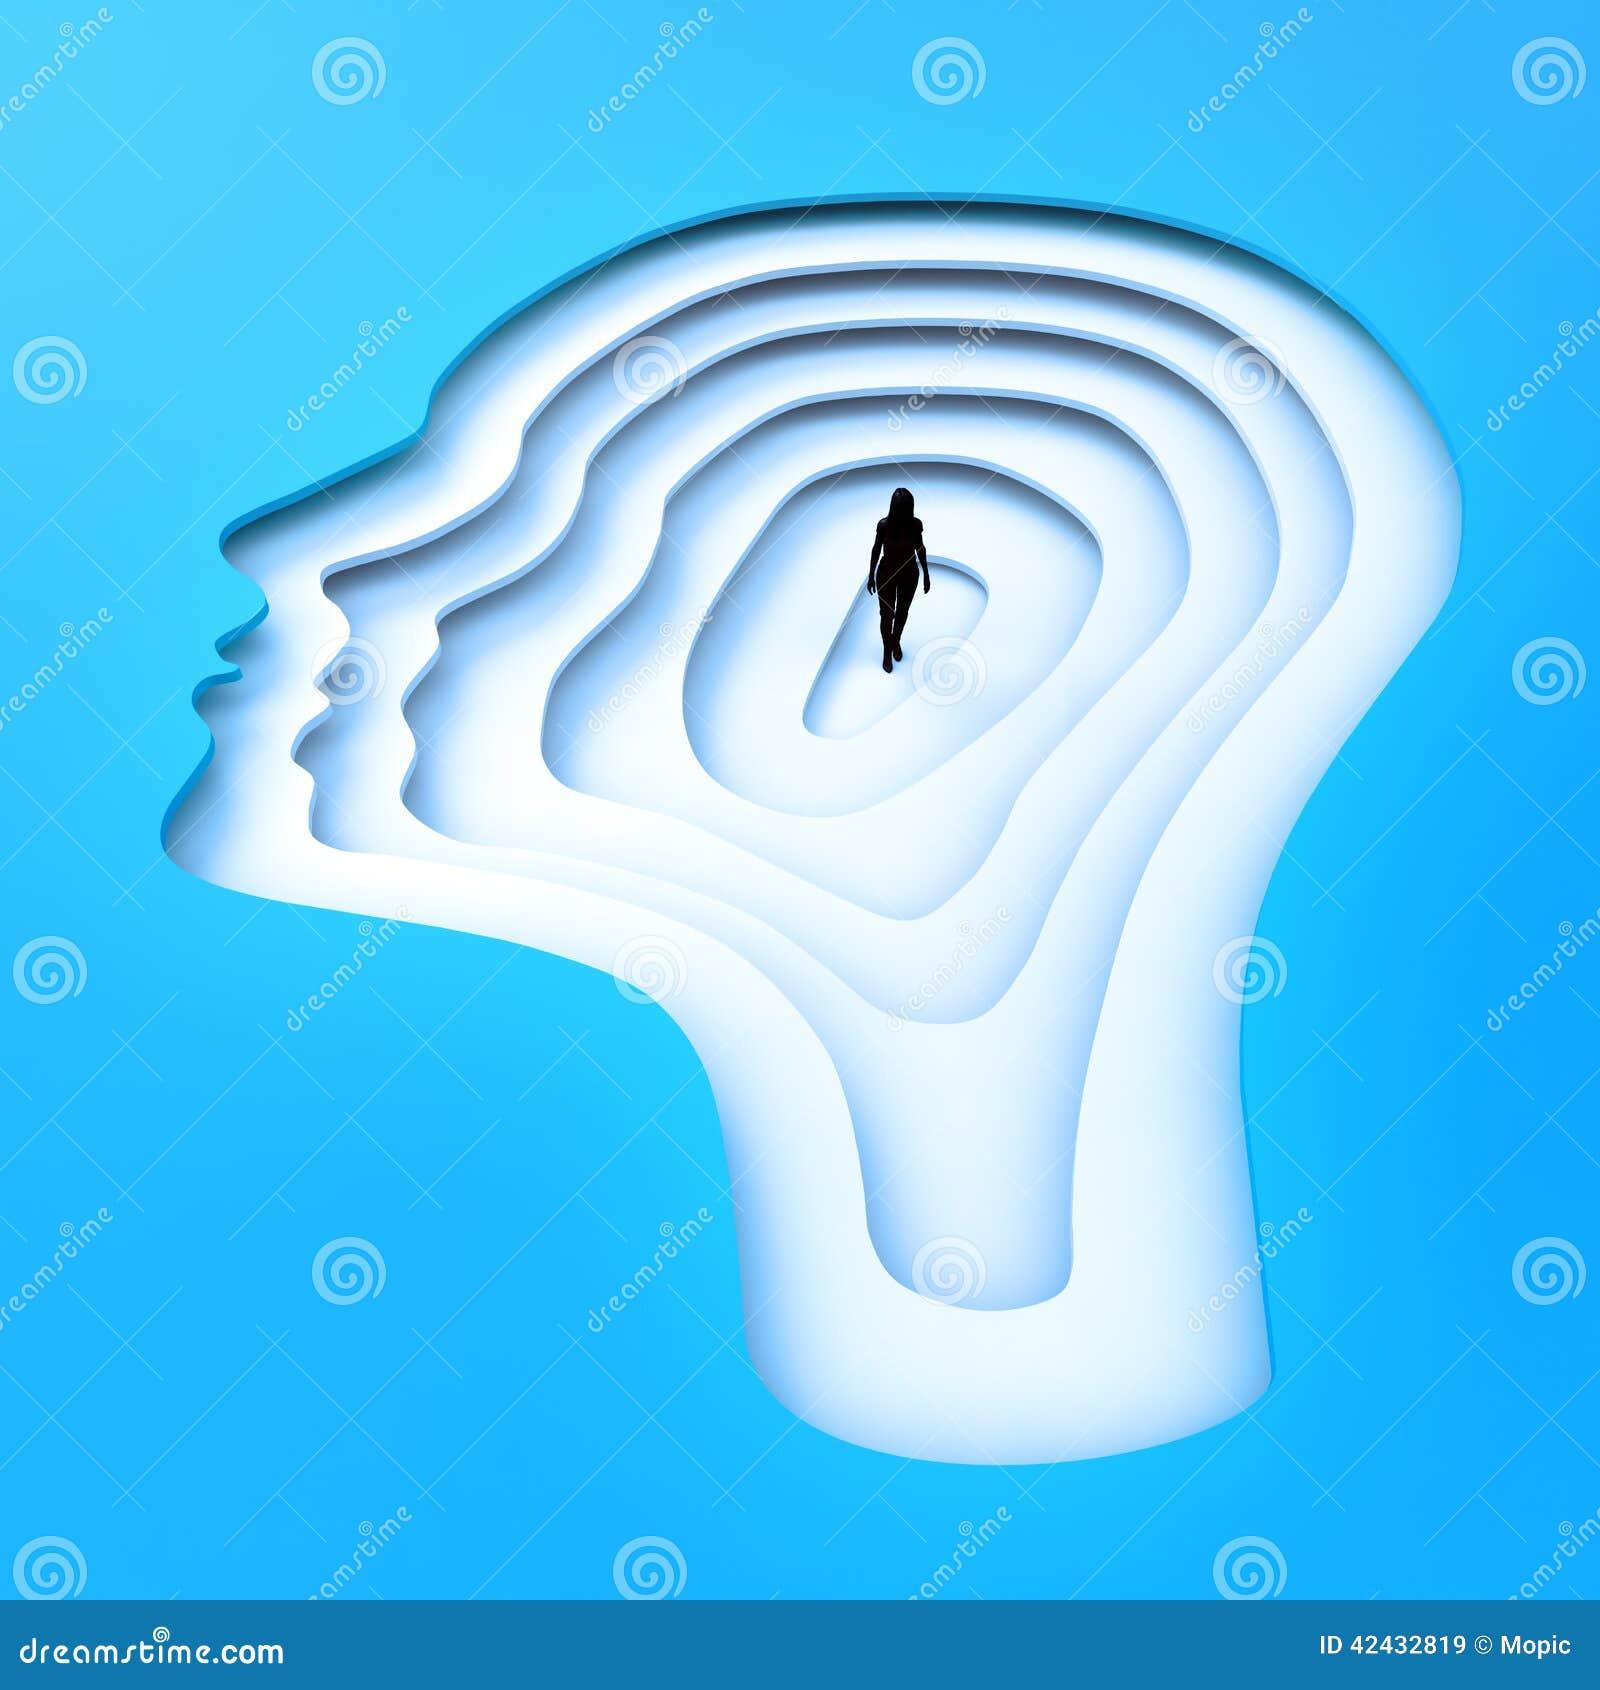 Persona minúscula que se coloca dentro de una silueta principal